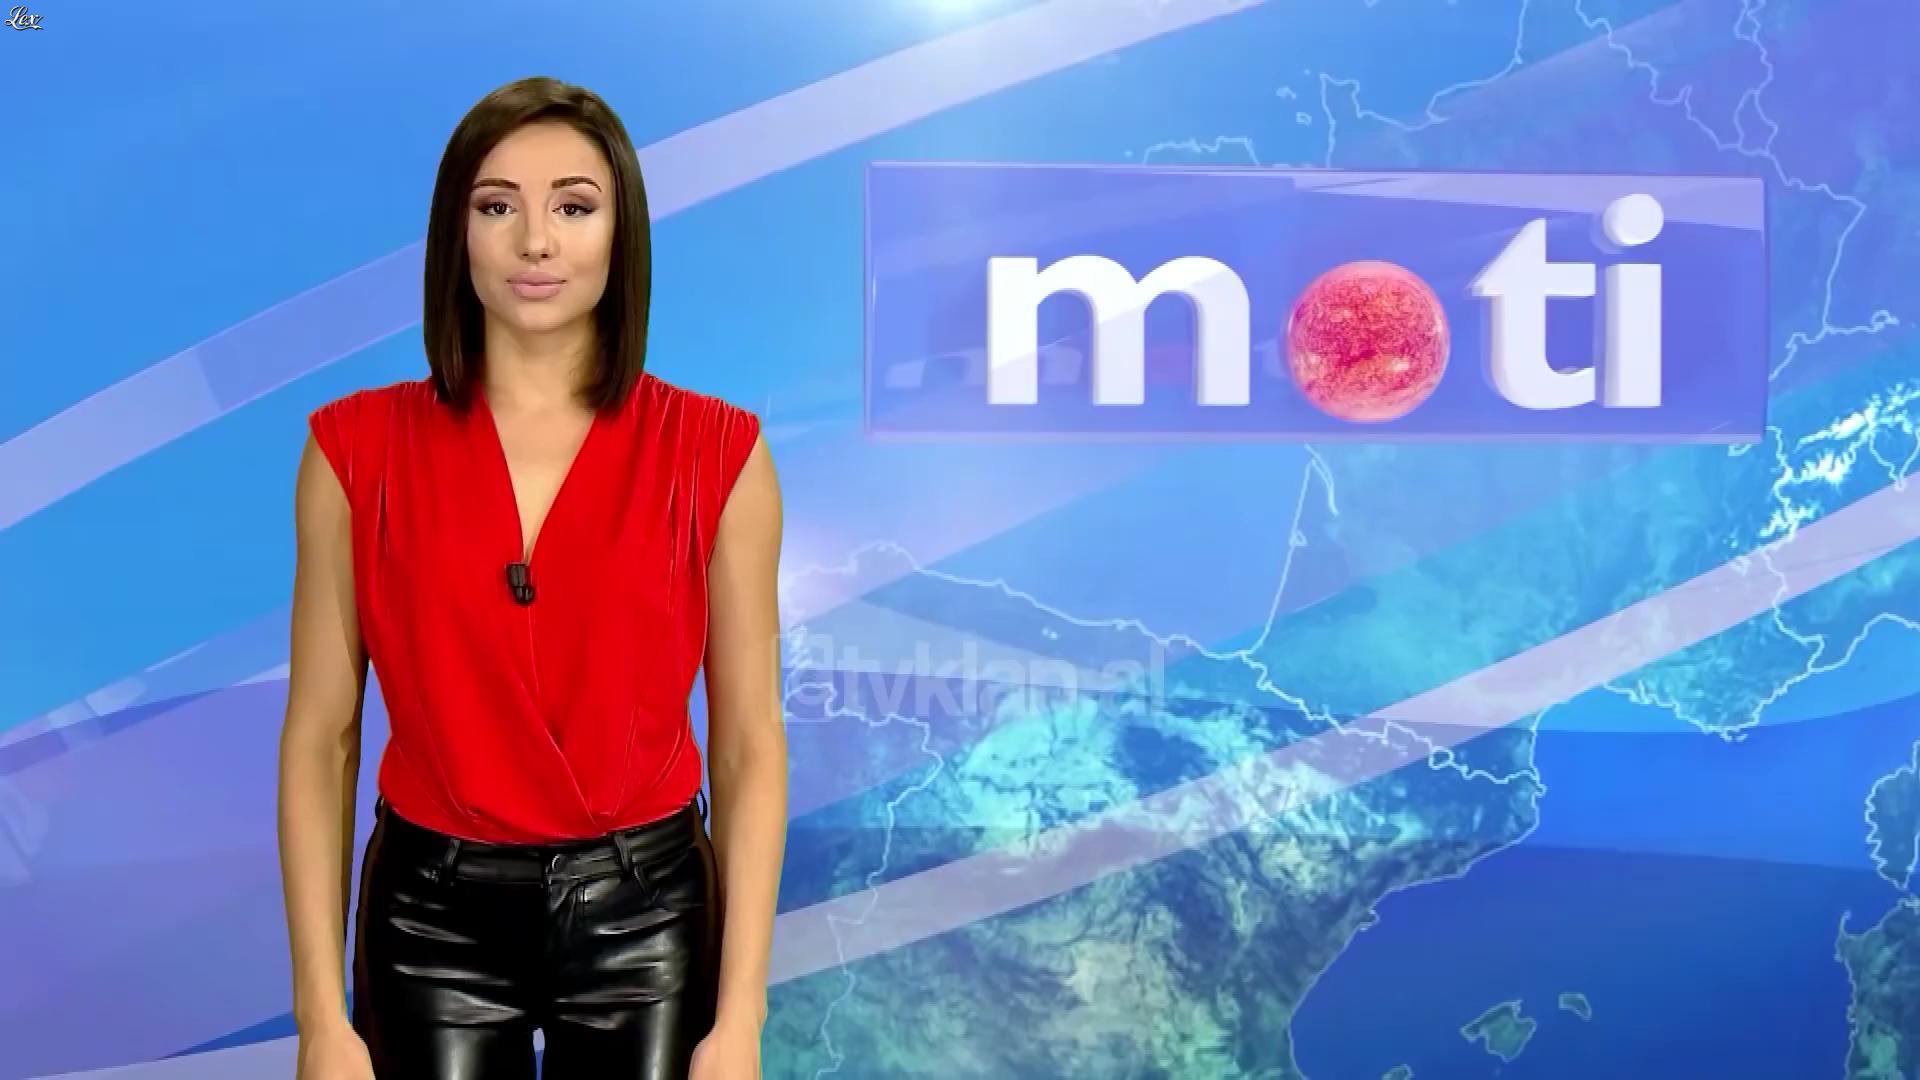 Alba Hoxha à la Météo. Diffusé à la télévision le 06/10/18.